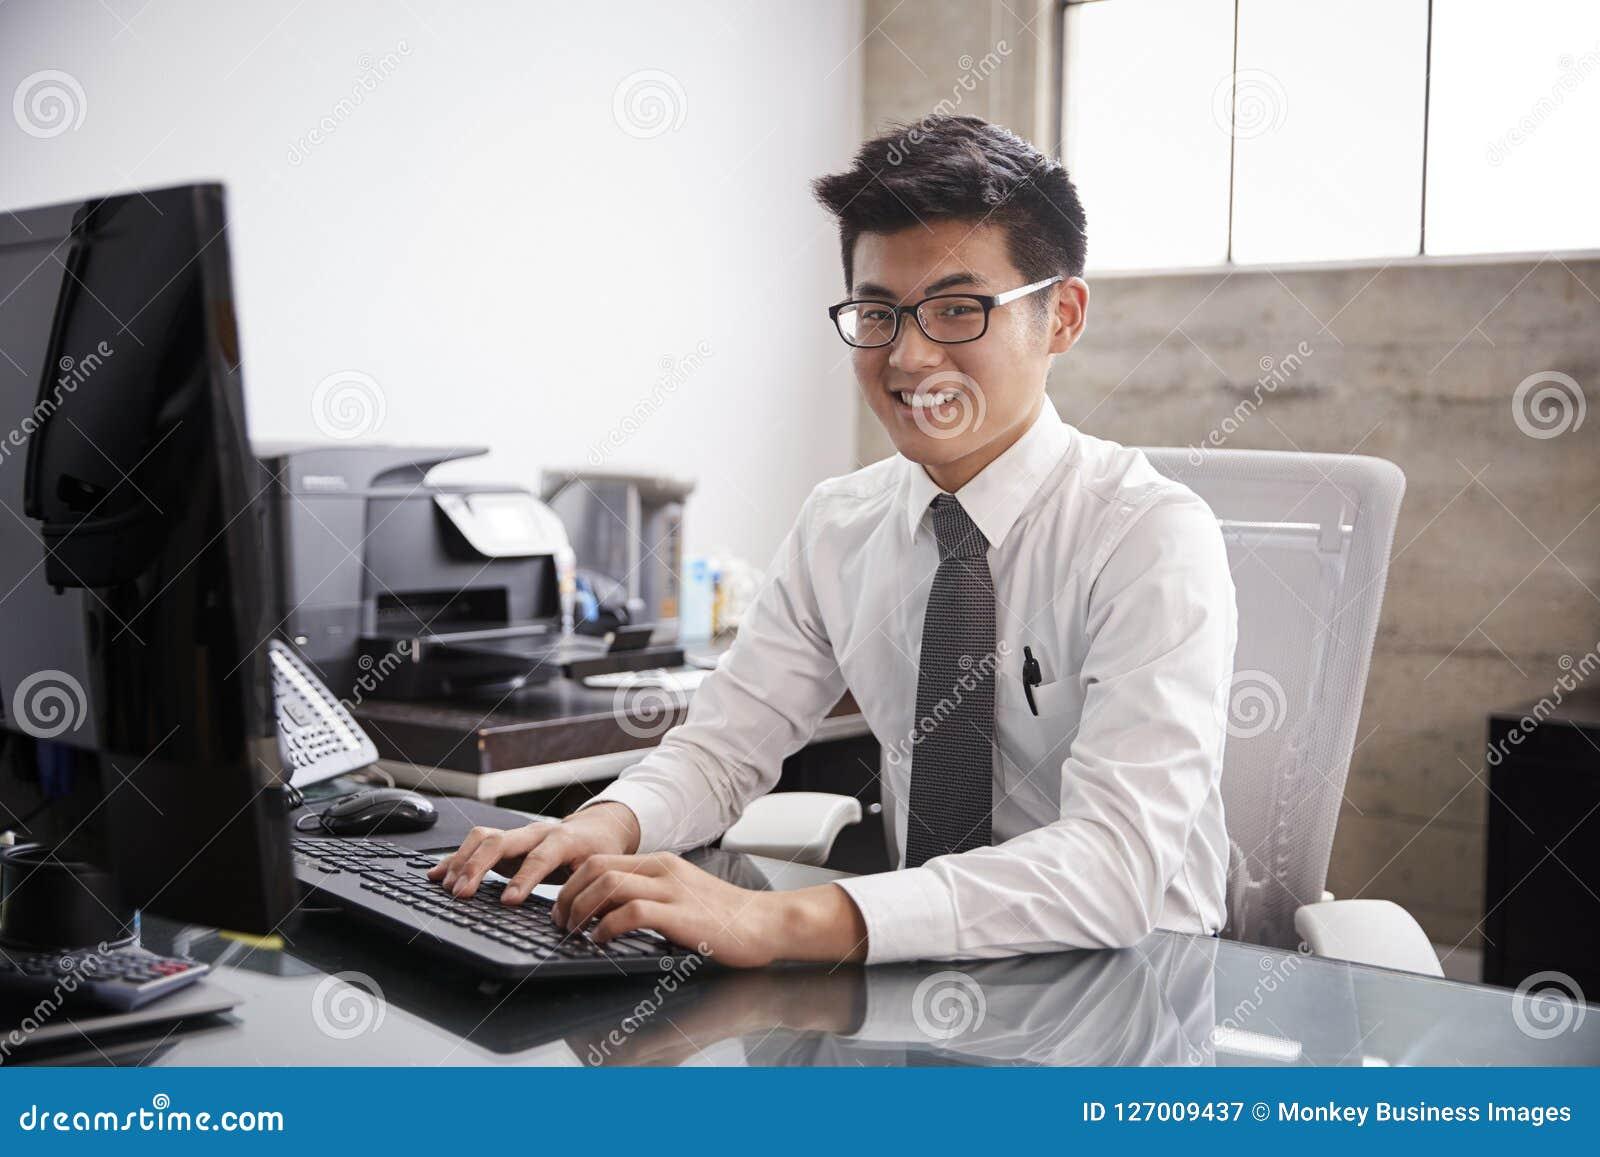 Junger asiatischer Geschäftsmann unter Verwendung eines Computers, lächelnd zur Kamera